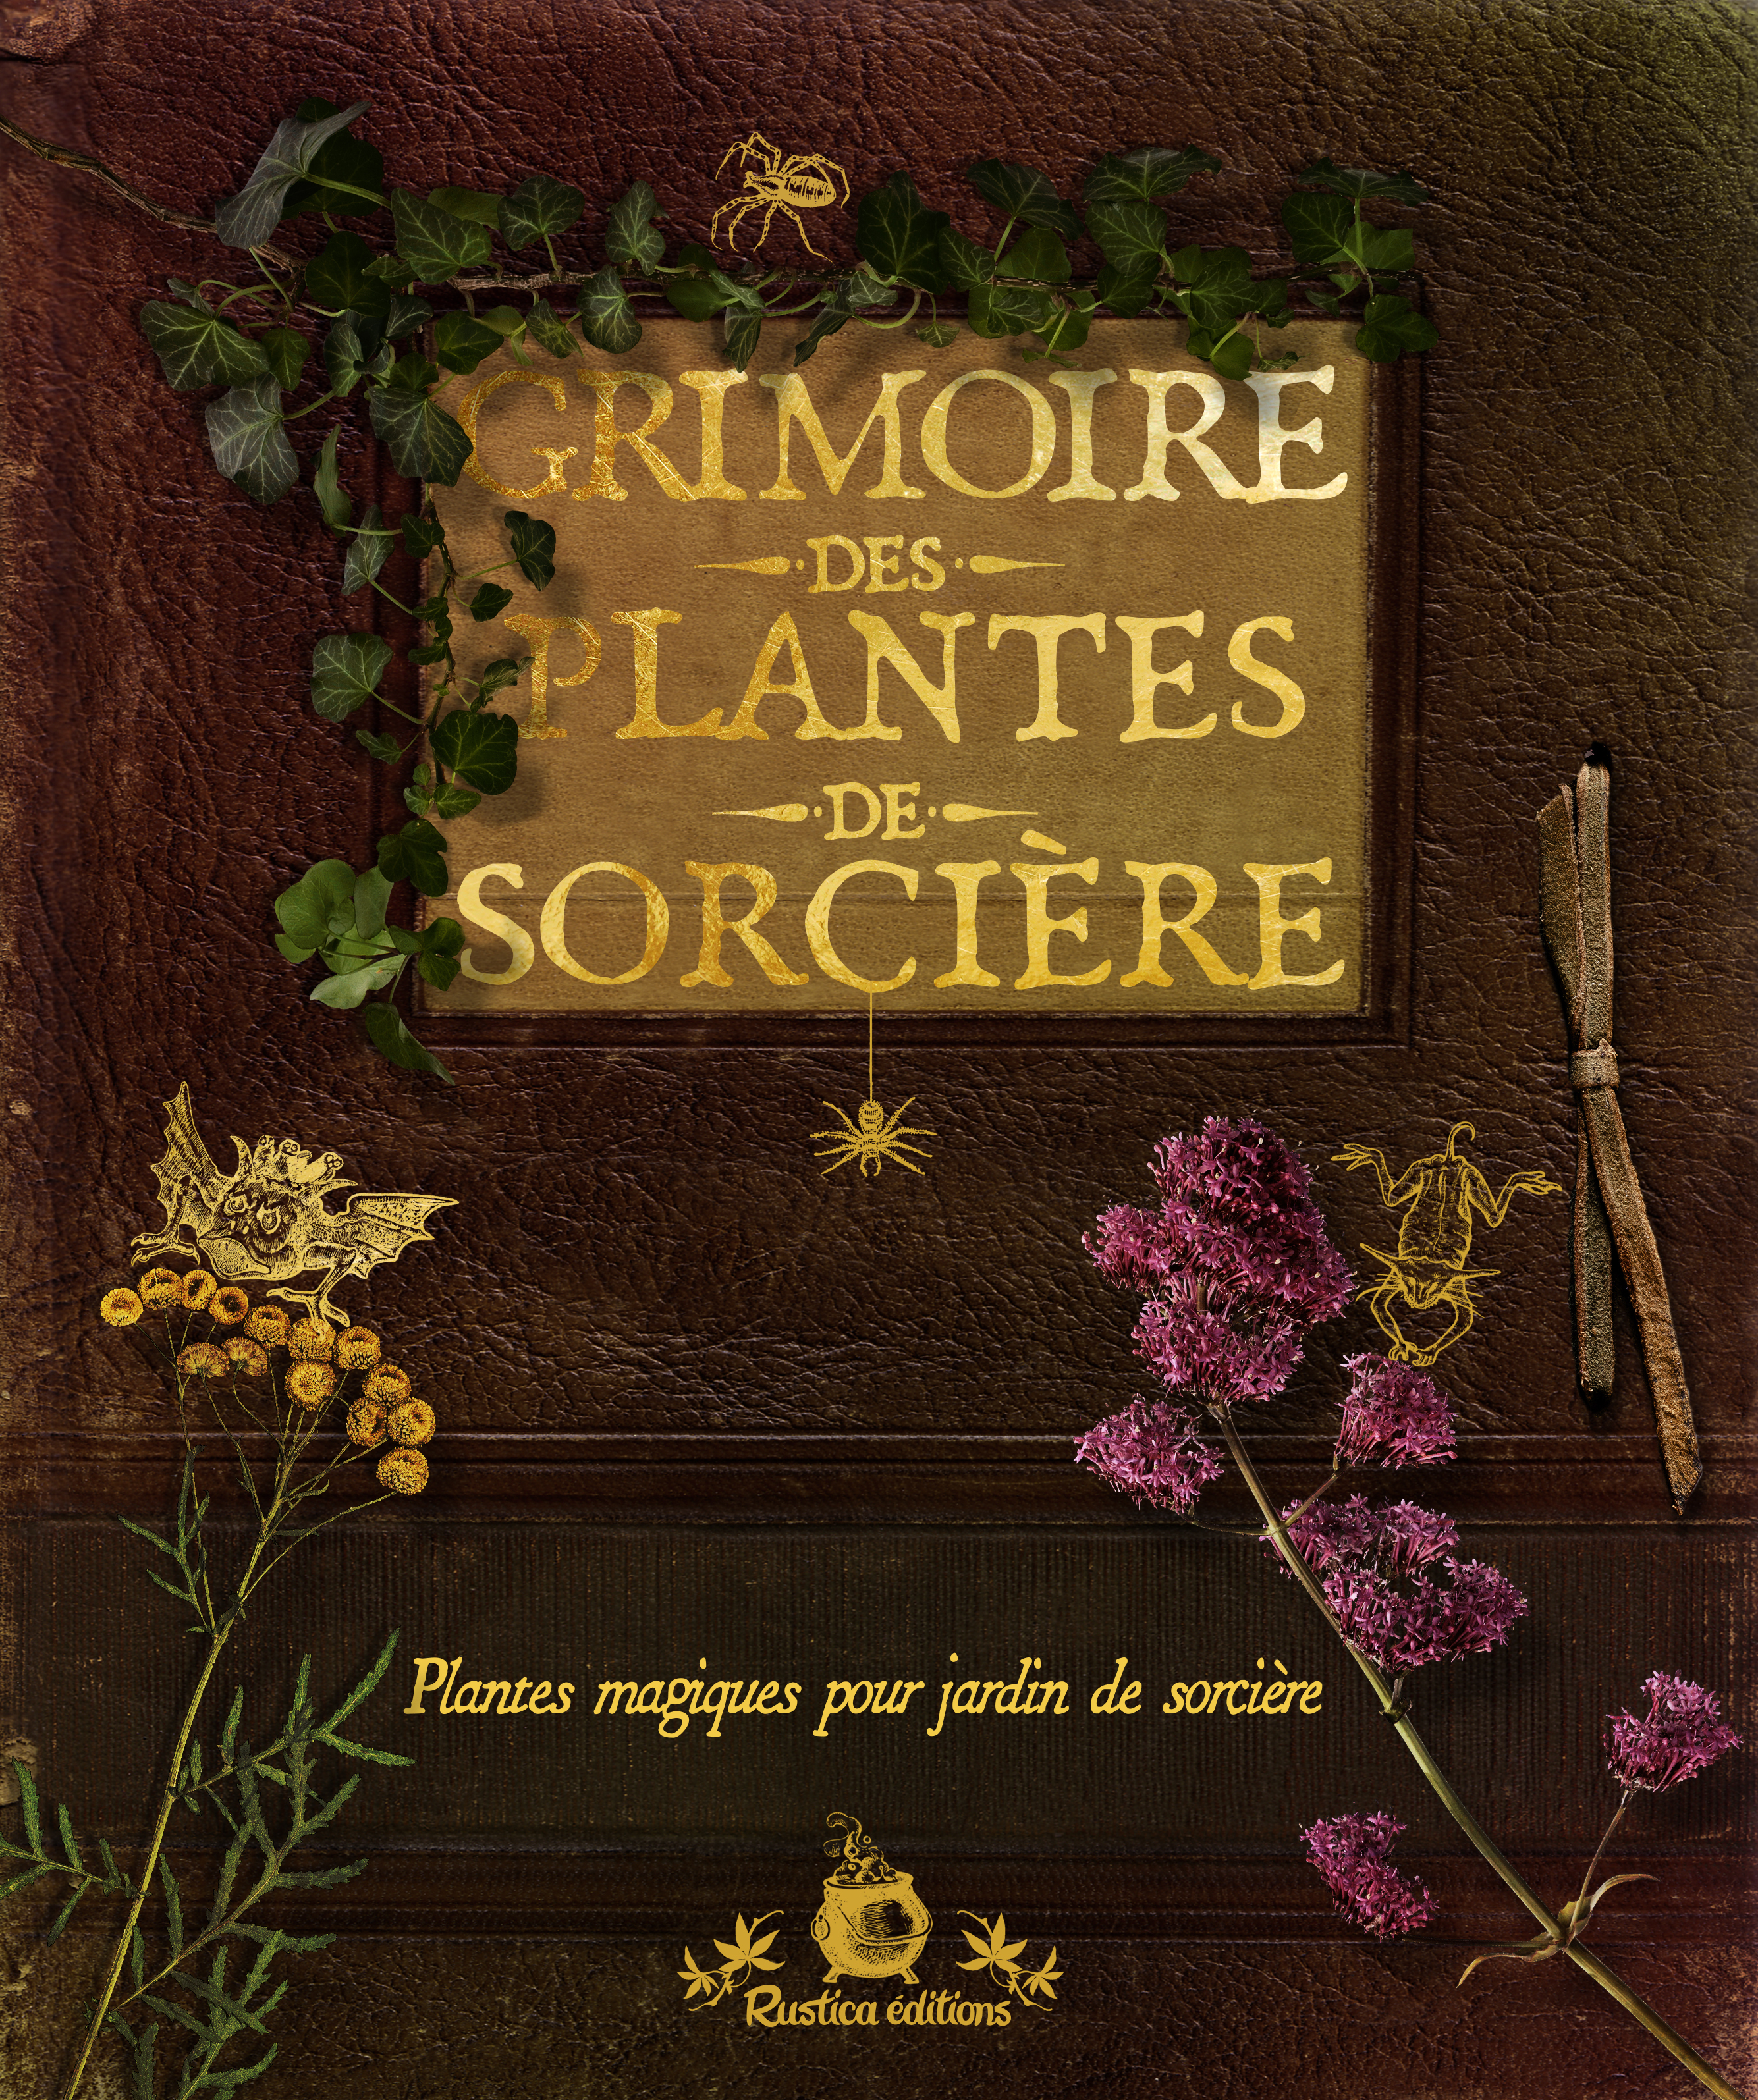 GRIMOIRE DES PLANTES DE SORCIERES